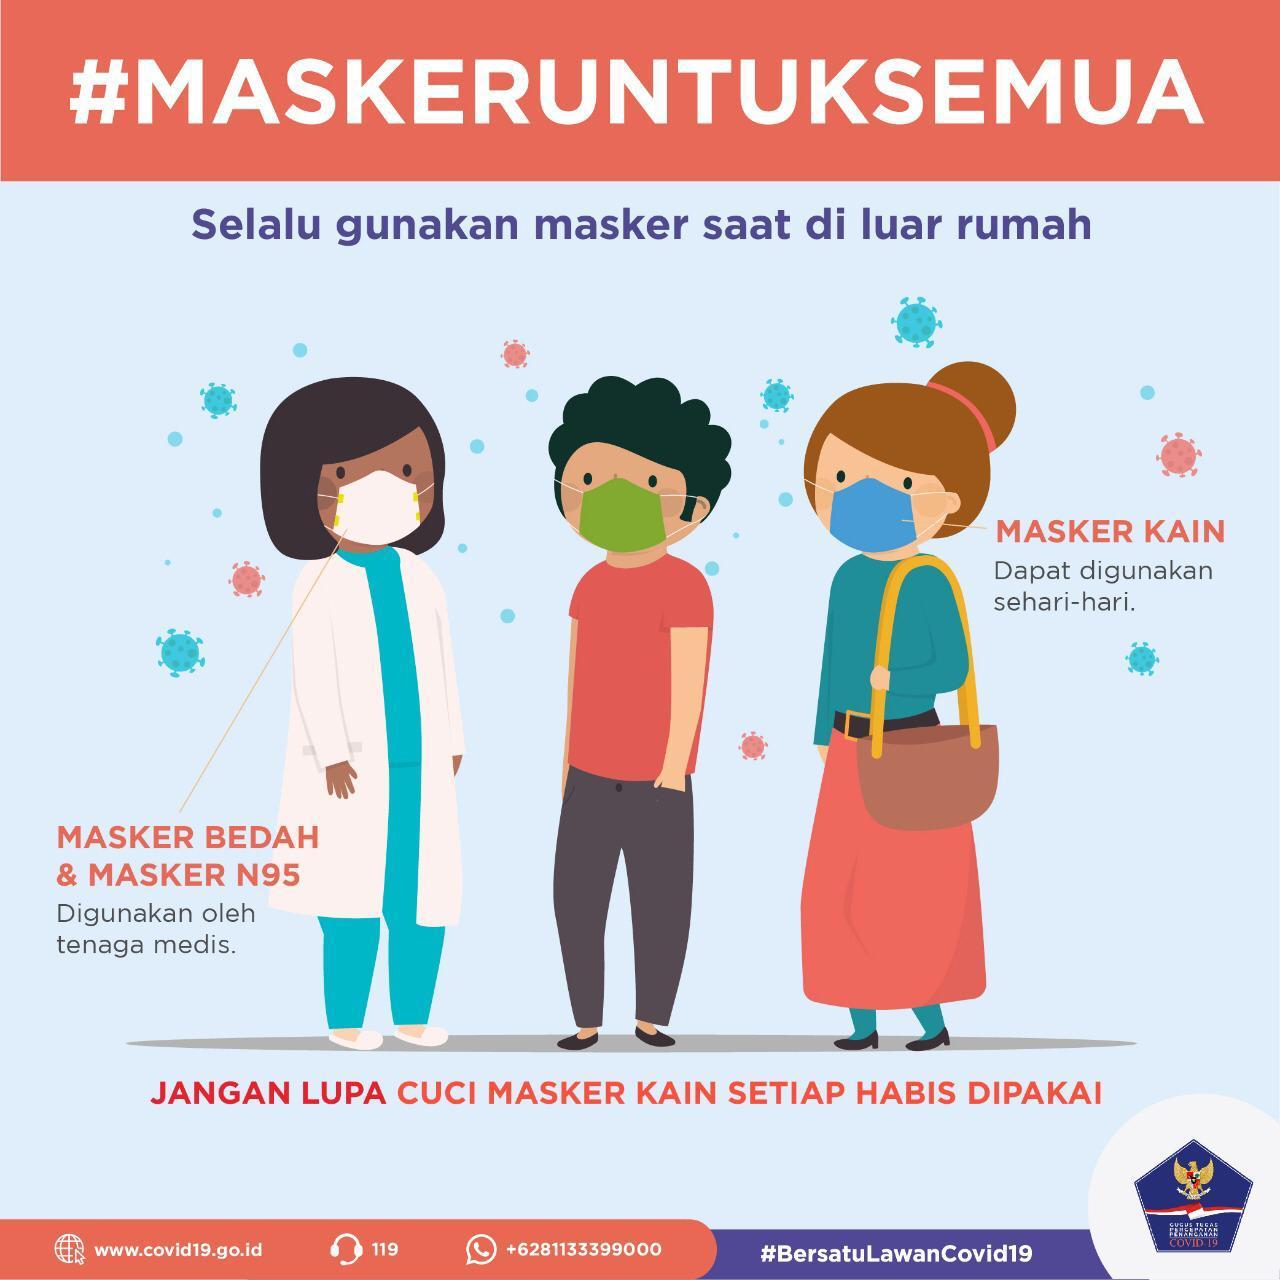 Mari Menggunakan Masker Saat Keluar Rumah Kementerian Koordinator Bidang Pembangunan Manusia Dan Kebudayaan